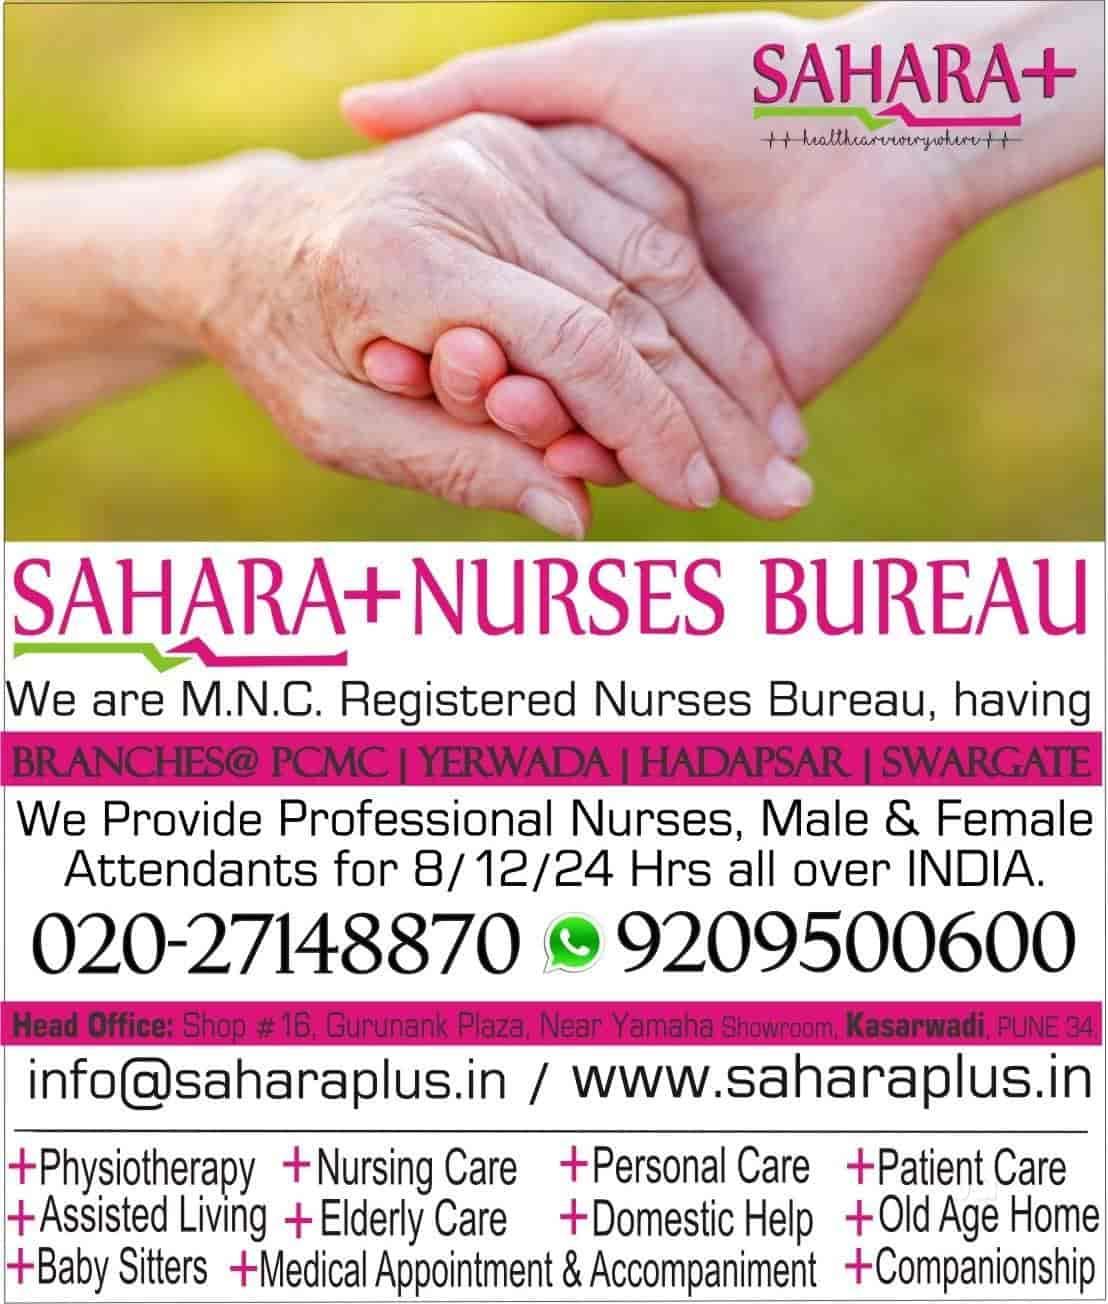 Sahara Plus Nursing Bureau Photos Kasarwadi Pune Pictures